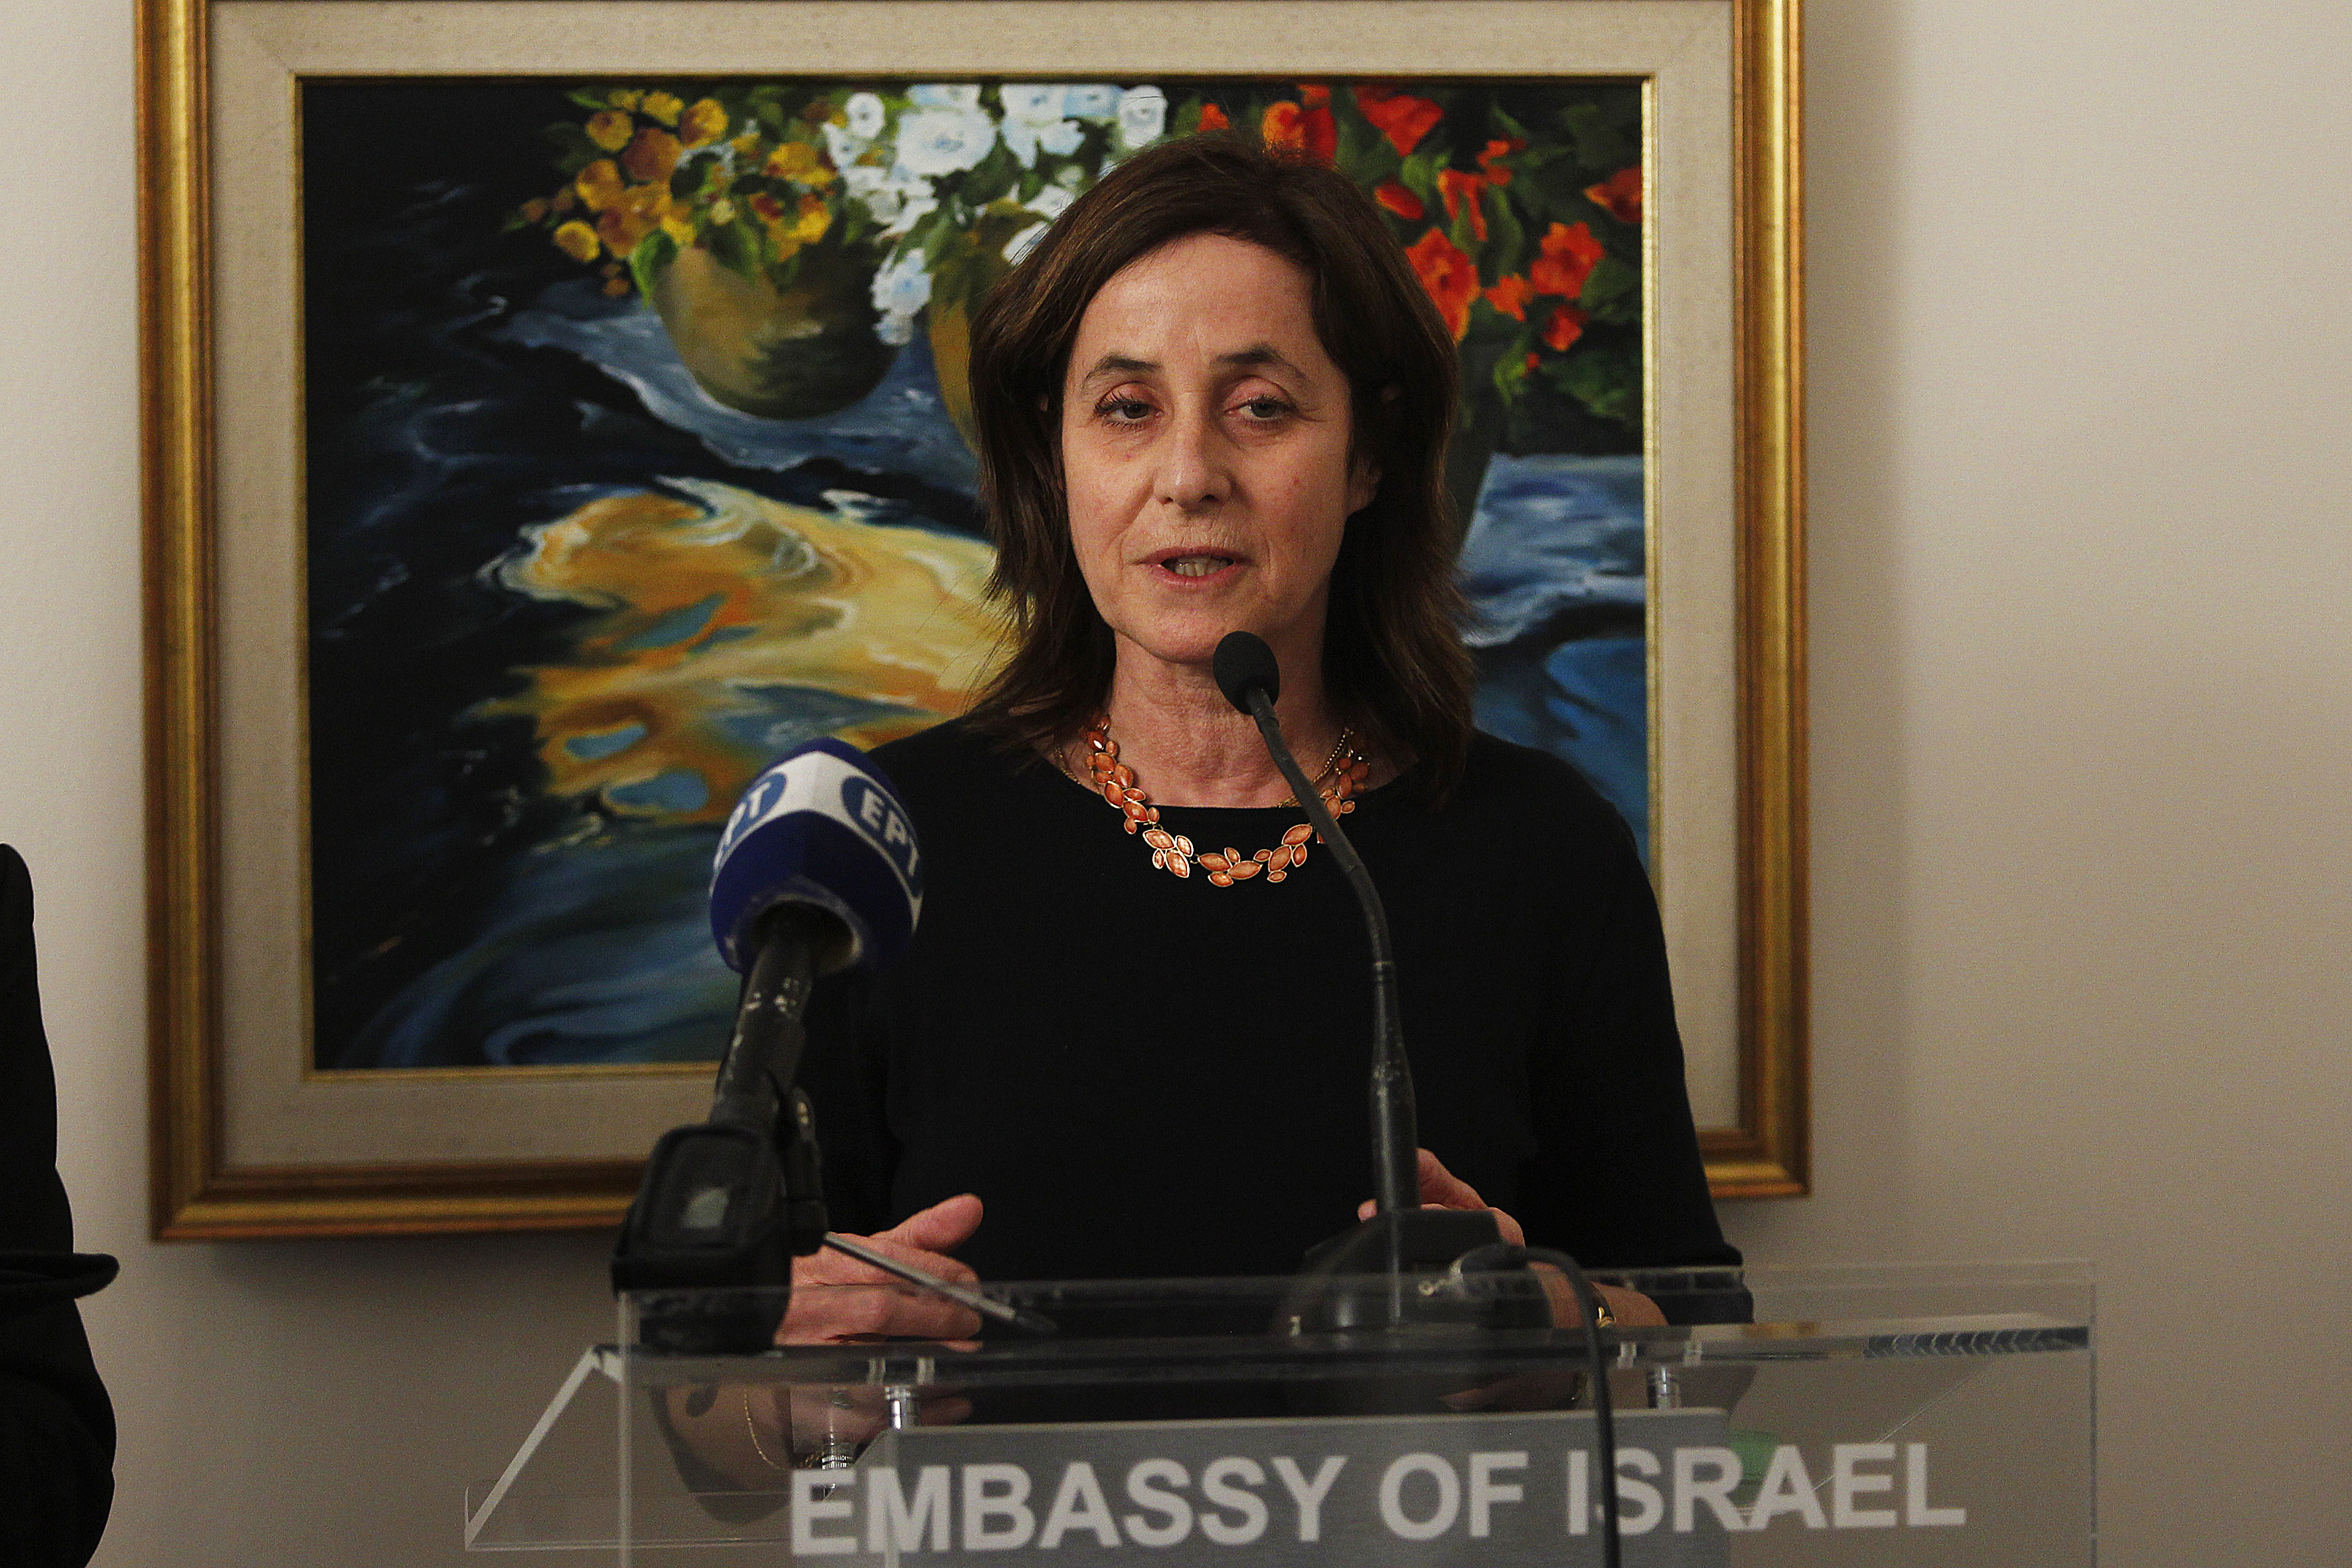 Ολοκλήρωσε τη θητεία της στην Ελλάδα η πρέσβης του Ισραήλ Ιρίτ Μπέν-Άμπα